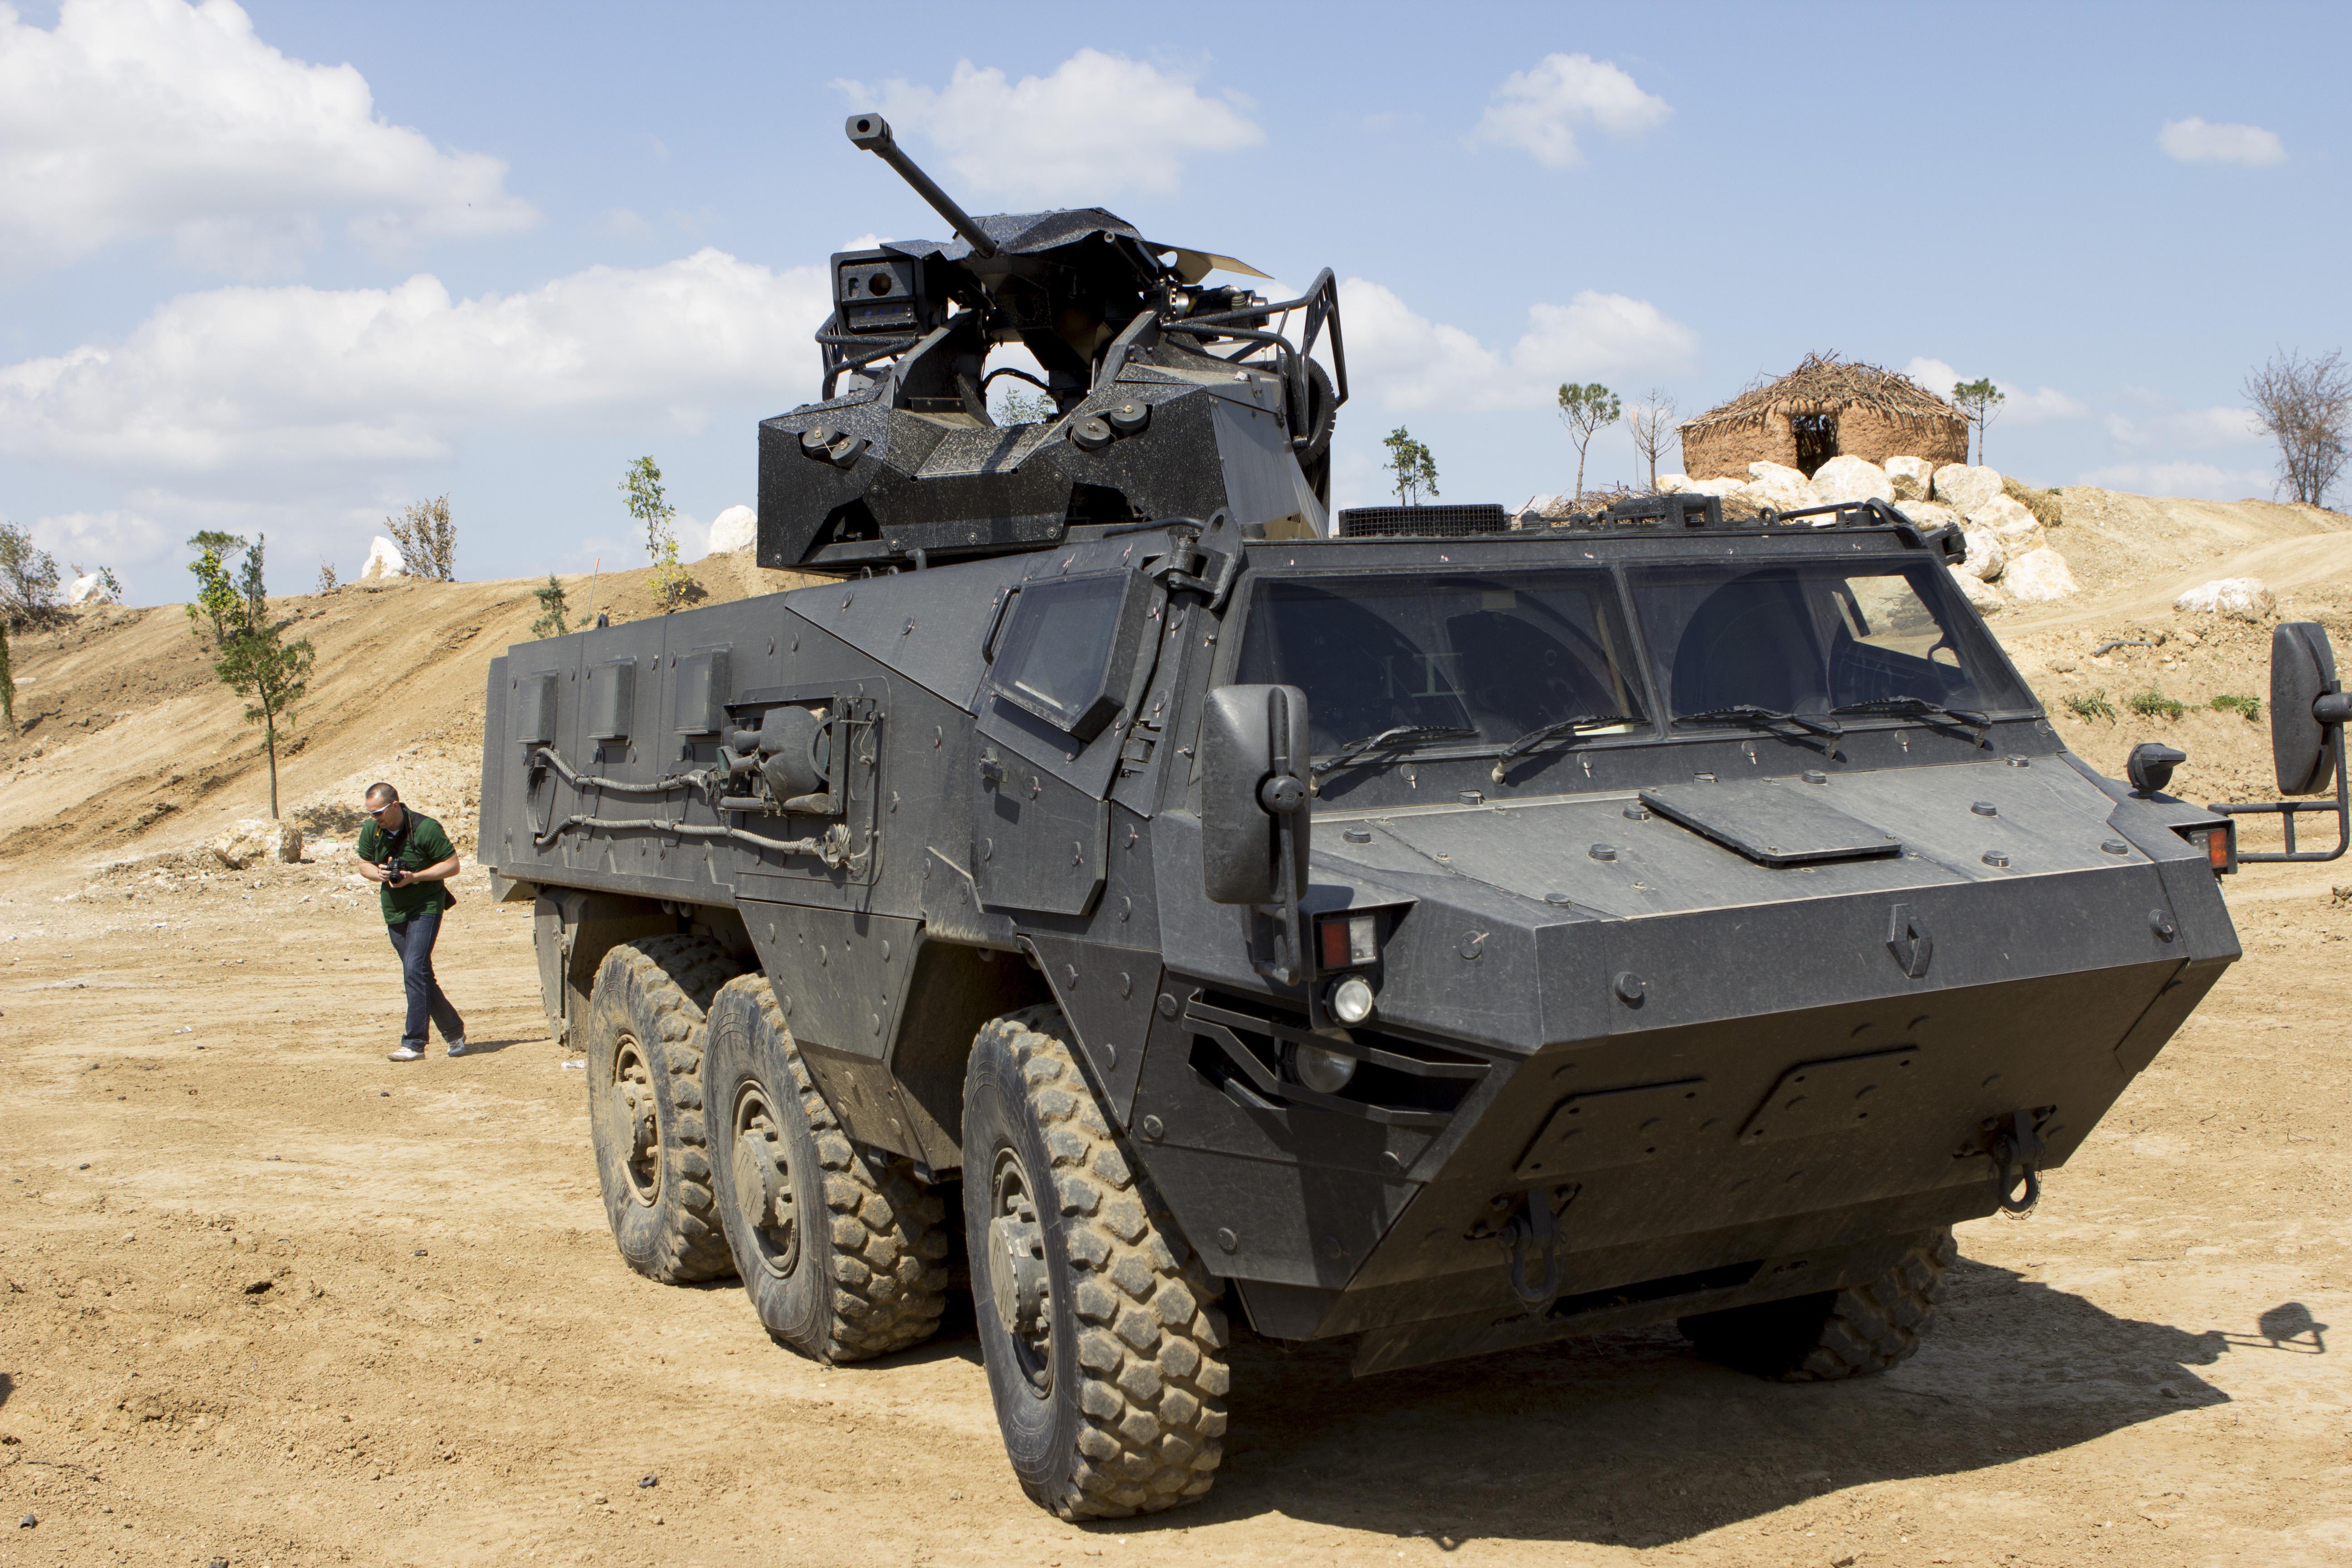 المغرب يؤكد نيته شراء مركبات VAB Mk 3 المدرعه المدولبة سداسية الدفع 6x6 من فرنسا EUROSATORY_20140615_0046